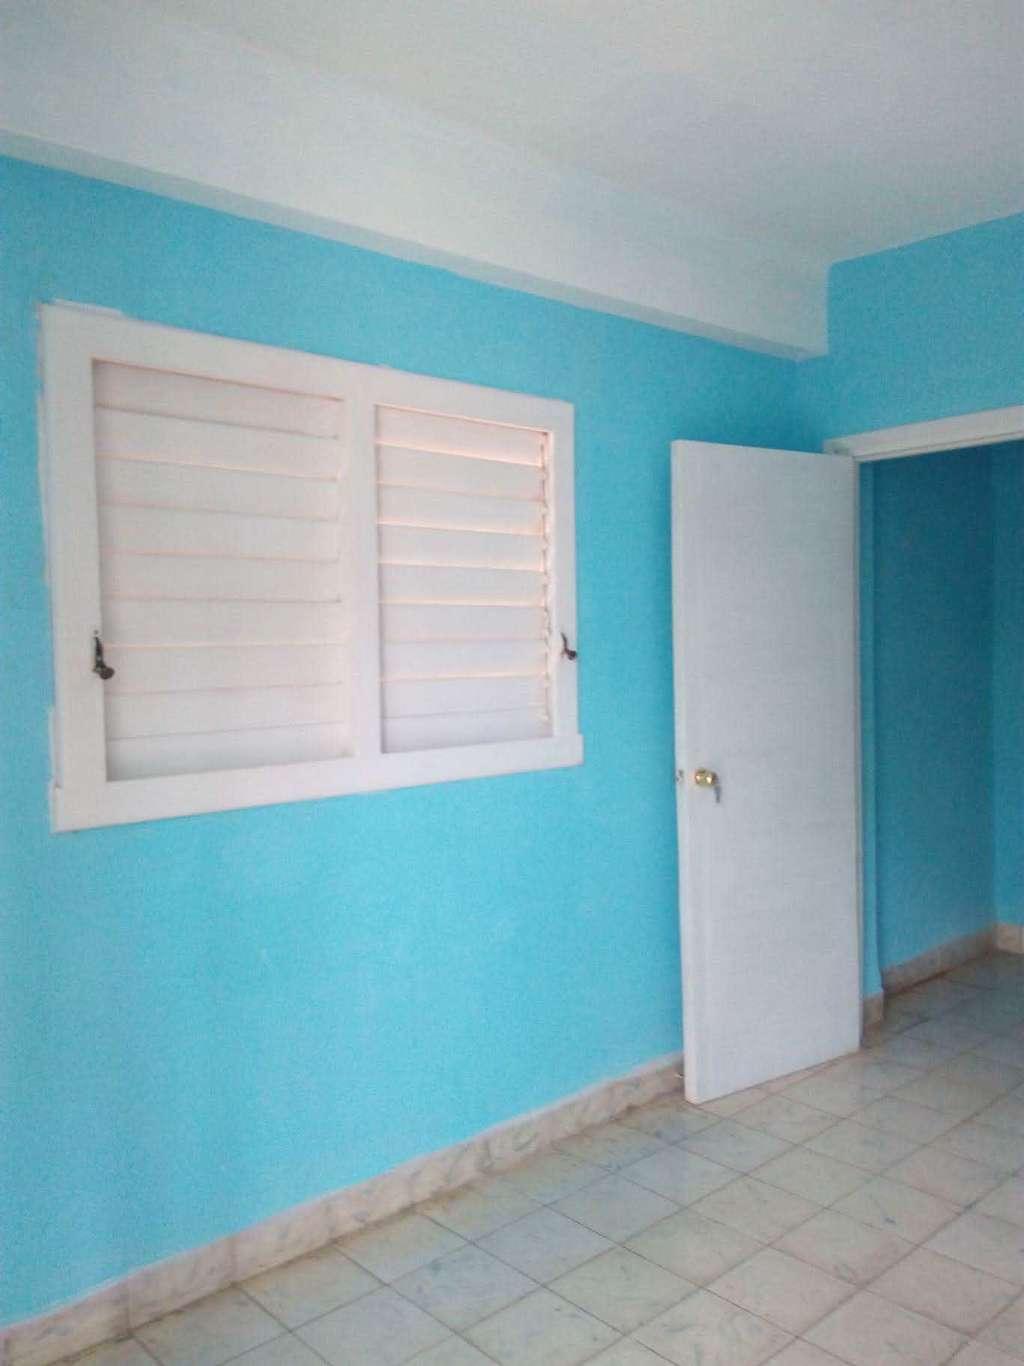 Apartamento de  2 cuartos y 1 baño por $ 55.000 en Plaza de la Revolución, La Habana